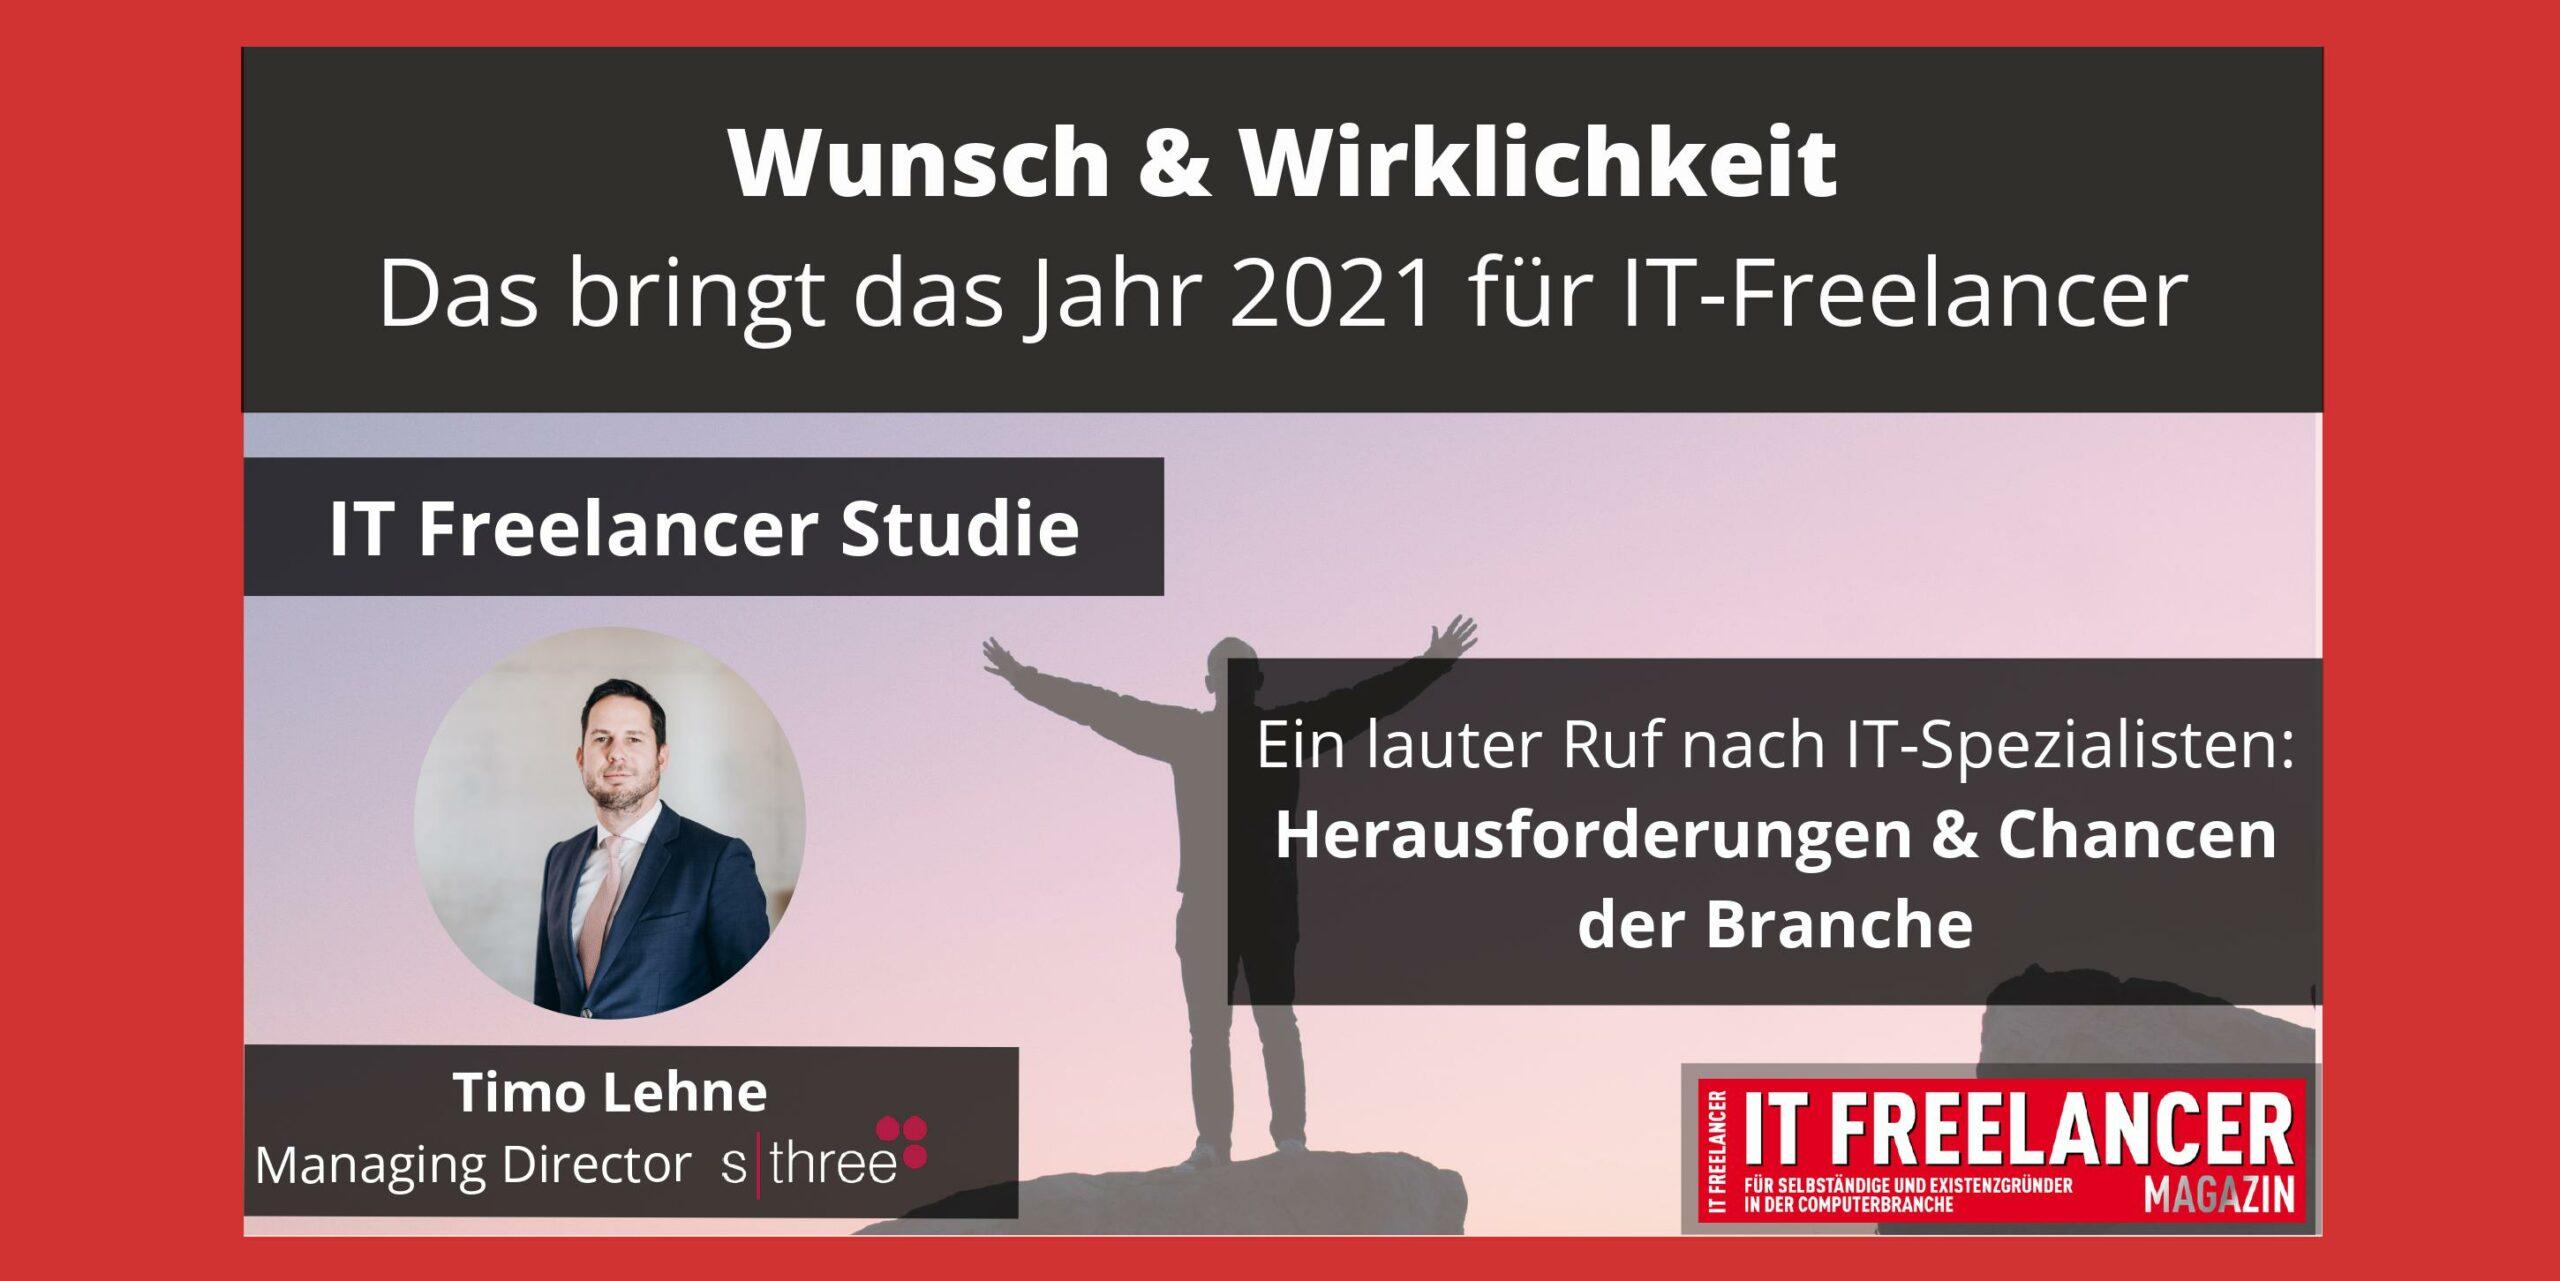 Wunsch & Wirklichkeit_ Das bringt das Jahr 2021 für IT-Freelancer